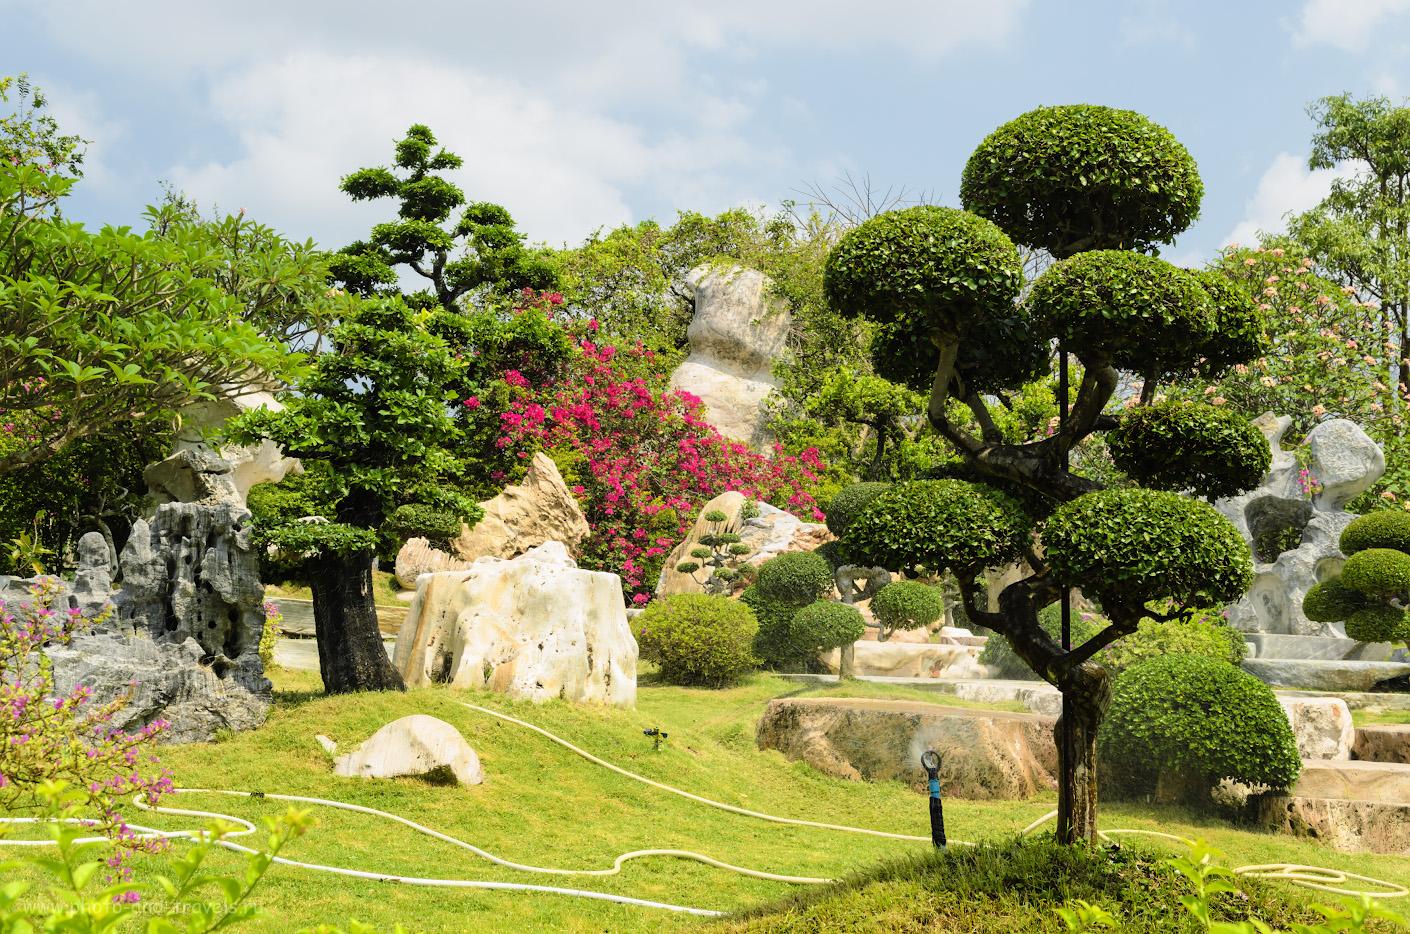 Фото 1. Ландшафты Парка Миллионолетних Камней в Паттайе. Отчет о самостоятельном отдыхе в Таиланде. Фотоаппарат Nikon D5100 с объективом Nikon 17-55mm f/2.8 + поляризационный фильтр HoyaPro 1 Digital Circular Polarizer. Настройки: выдержка 1/200, f/9.0, ISO 100, фокусное расстояние 30.